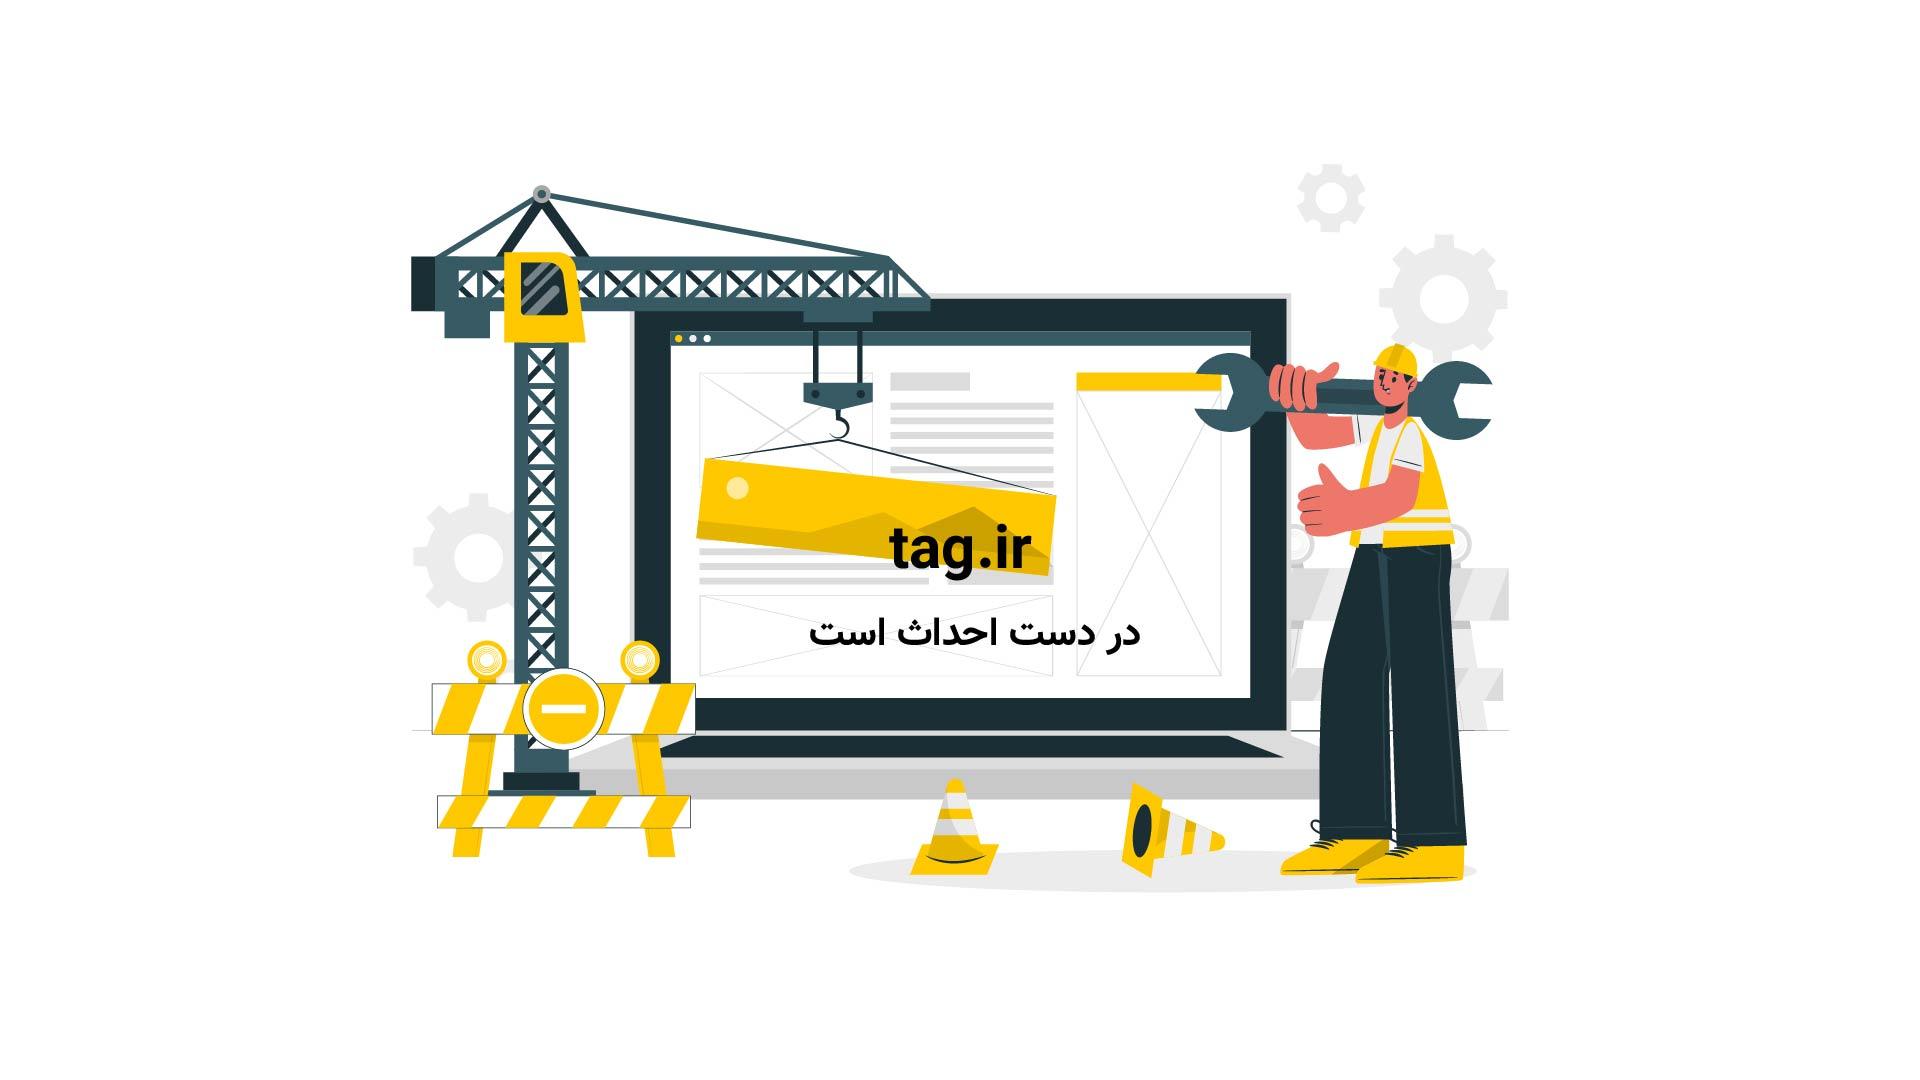 فیلم تغییر رنگ ماشین با آب